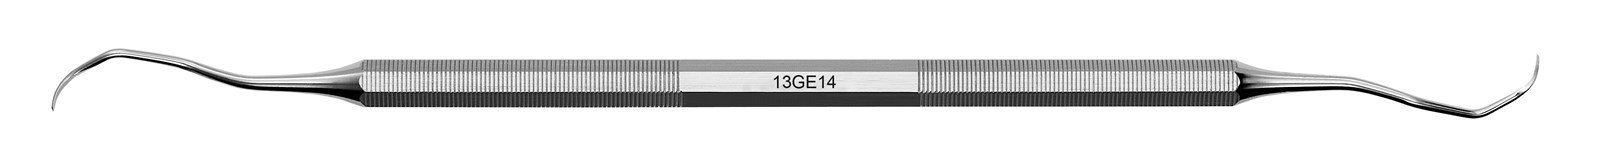 Kyreta Gracey Classic - 13GE14, ADEP silikonový návlek žlutý